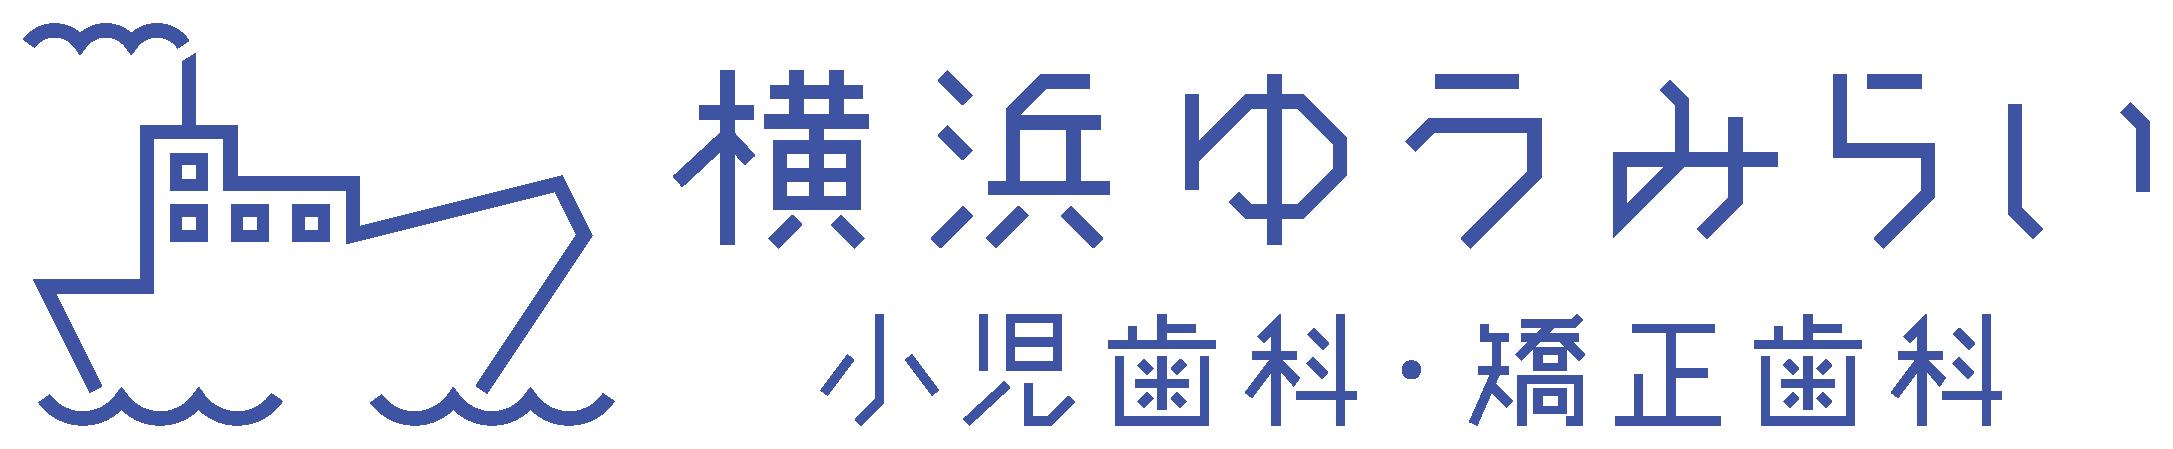 病院/クリニック/治療院/薬局と親しみ/優しいと紺のロゴ